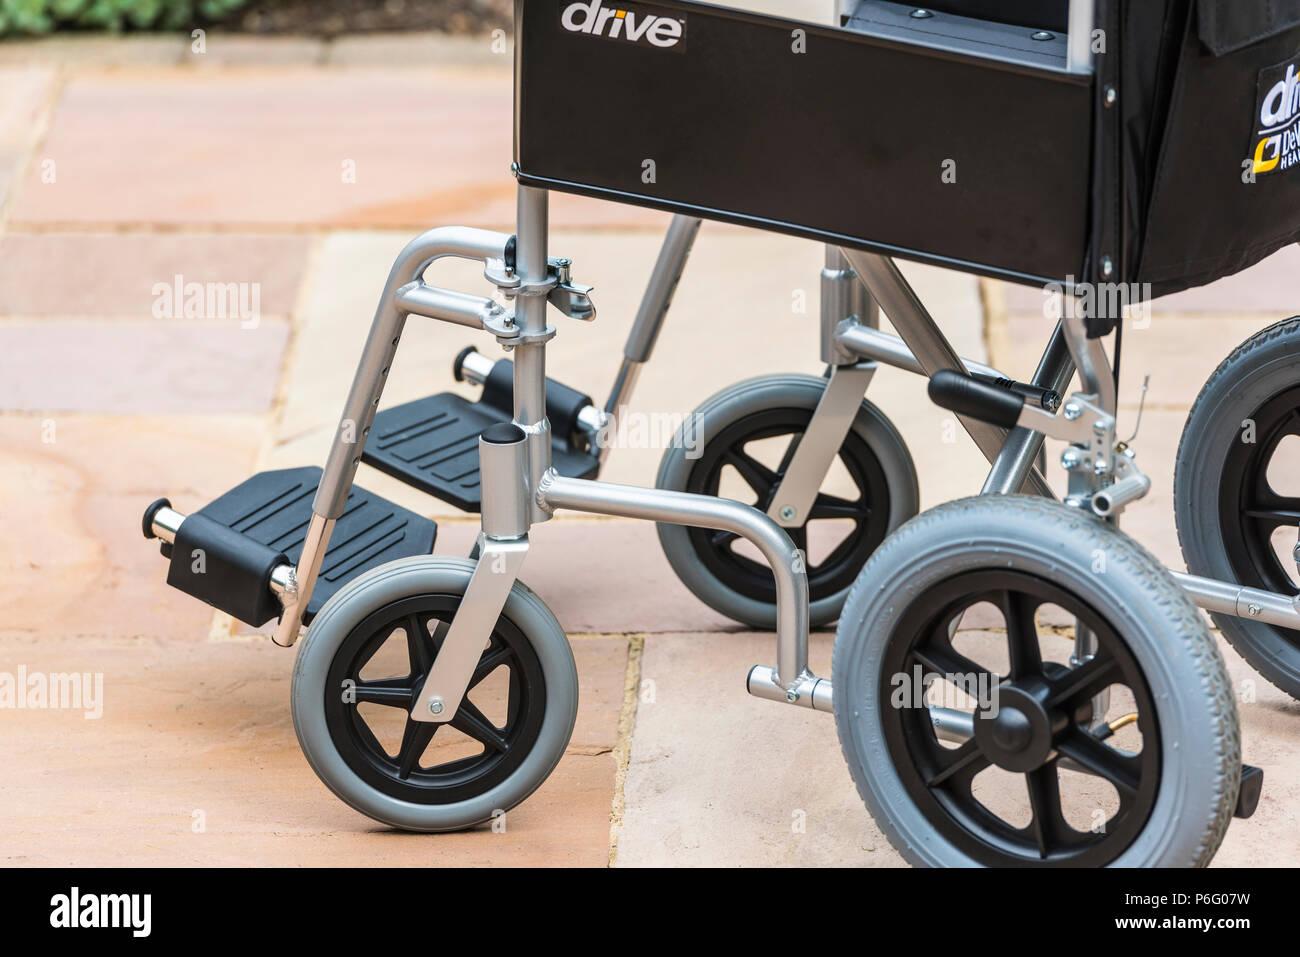 La disabilità, la mobilità, la sedia a rotelle non valido. Immagini Stock